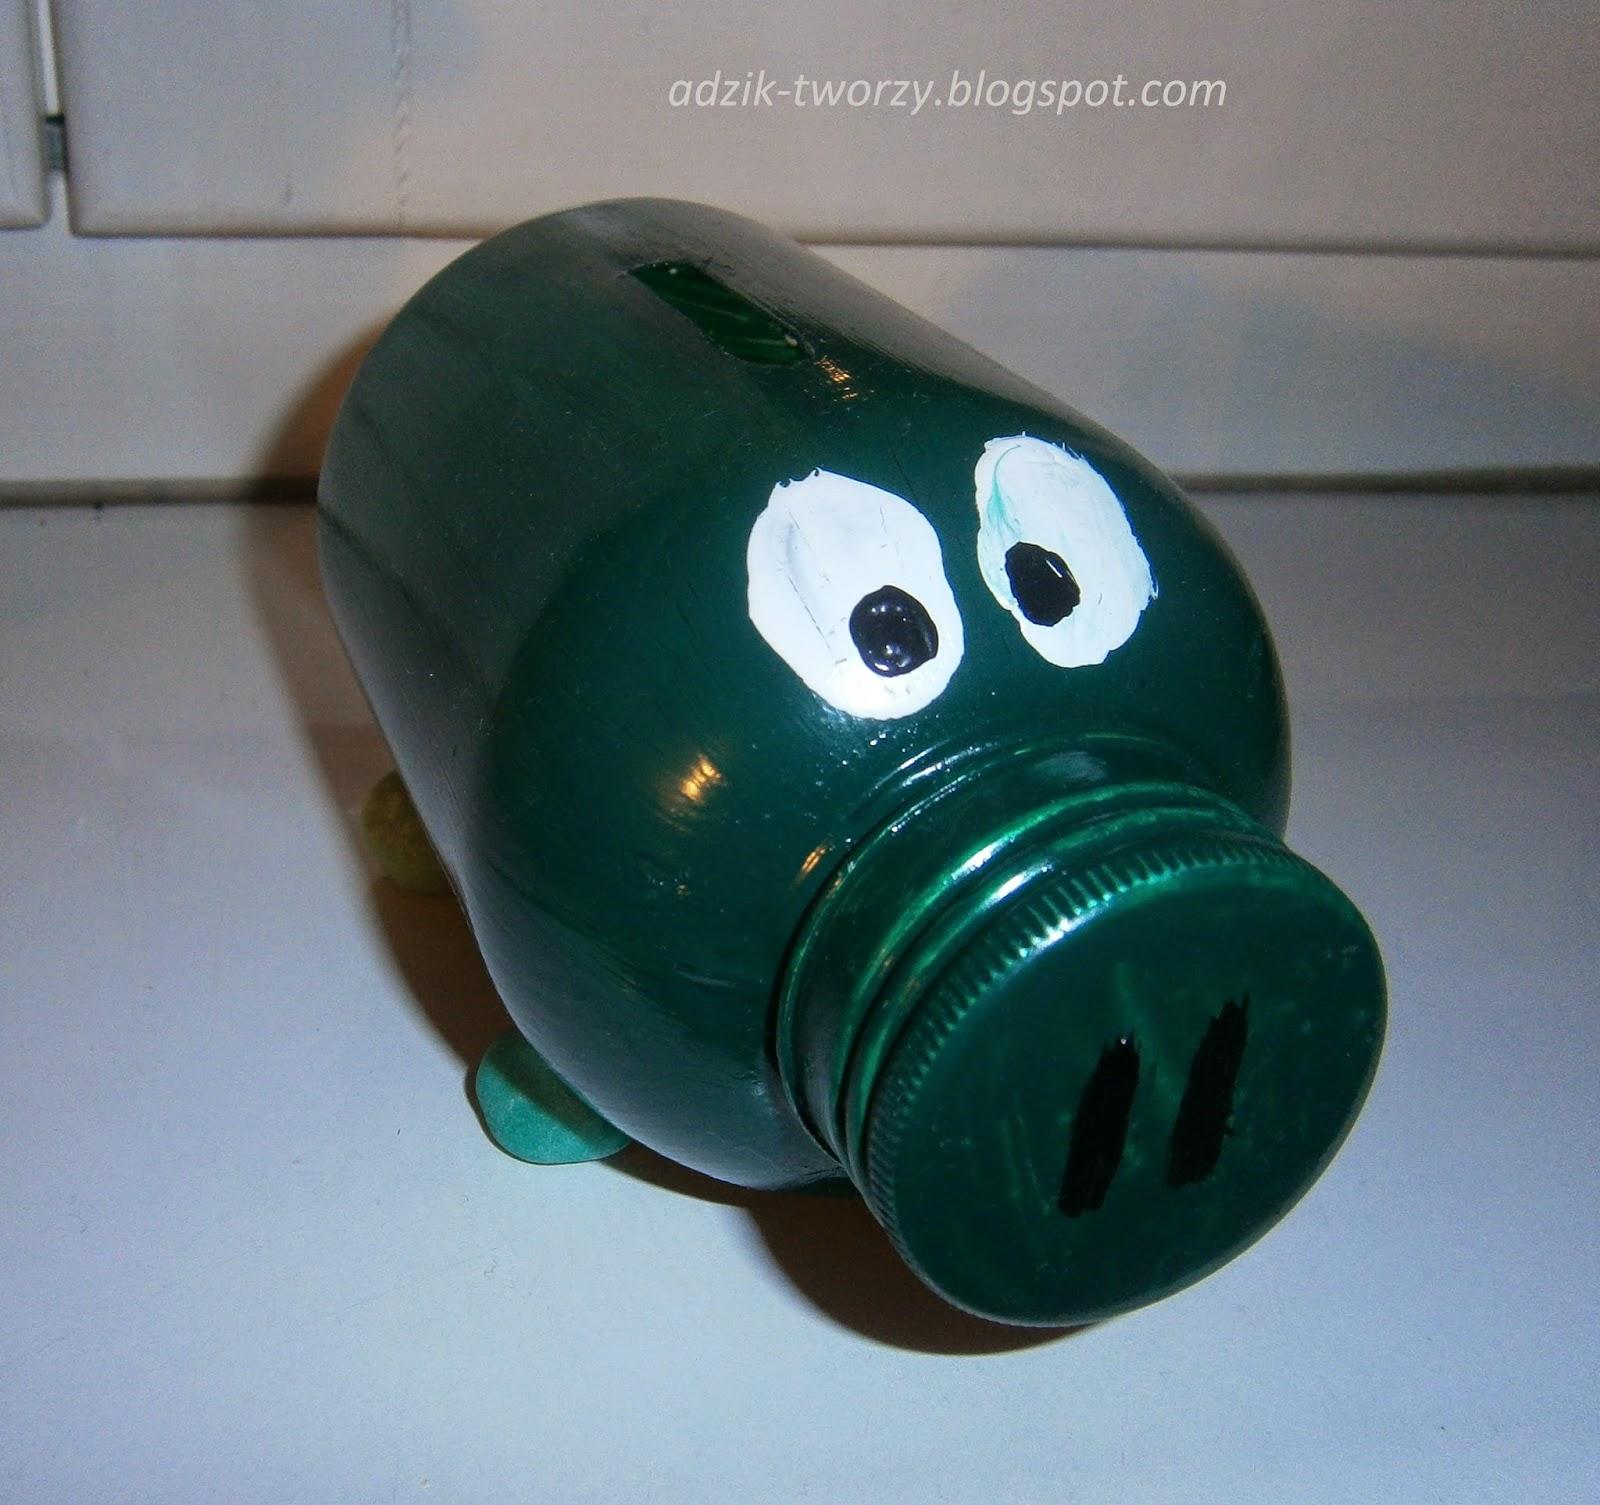 Świnka-skarbonka z recyklingu podczas tworzenia (cz. 2)